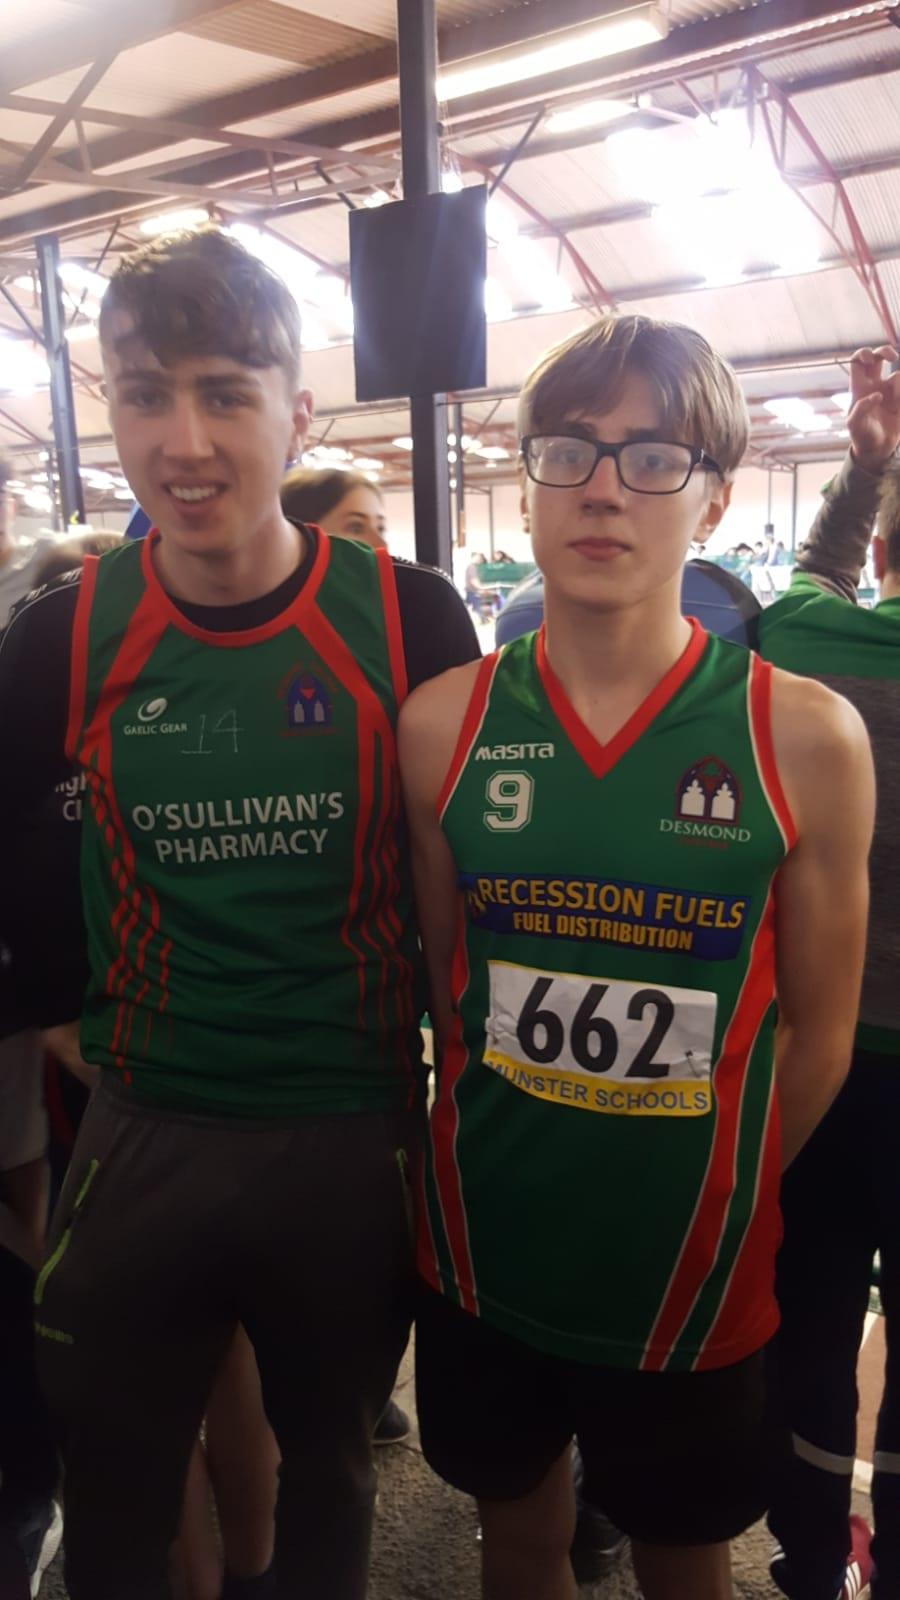 Tiernan Mason and Cian Mason at the Munster Athletic School Games 2019